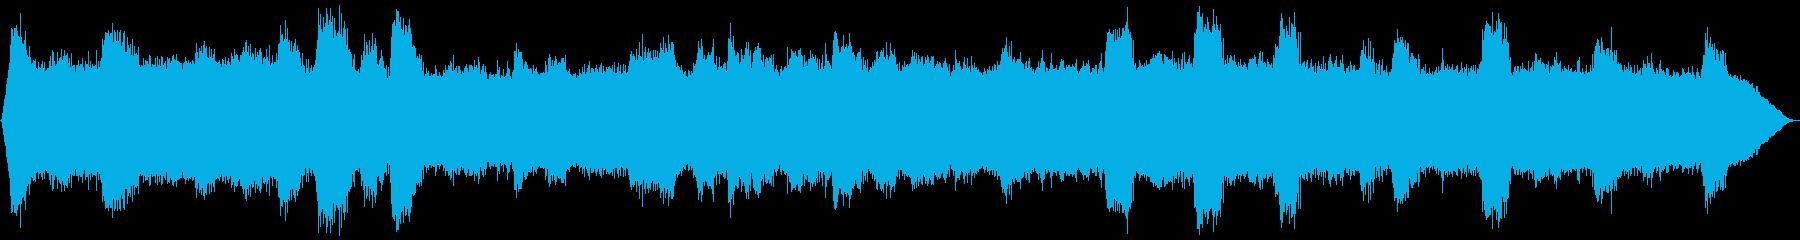 ヒグラシの鳴き声 夏のセミの再生済みの波形